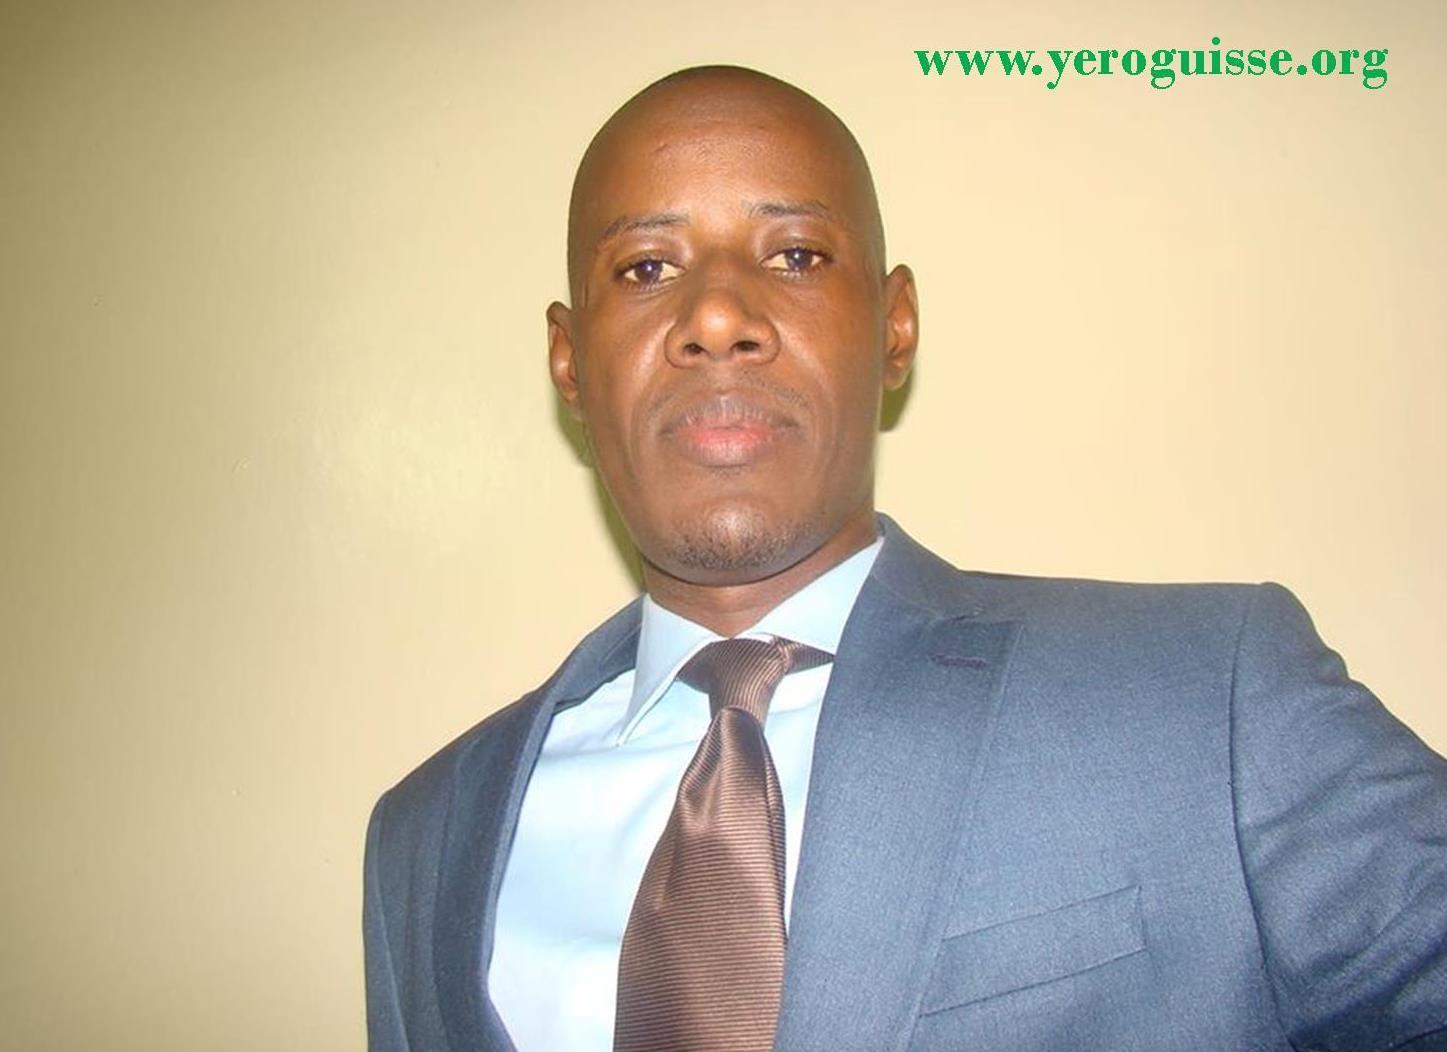 La transhumance politique : une honte pour la démocratie sénégalaise ! (Par Yero Guisse)